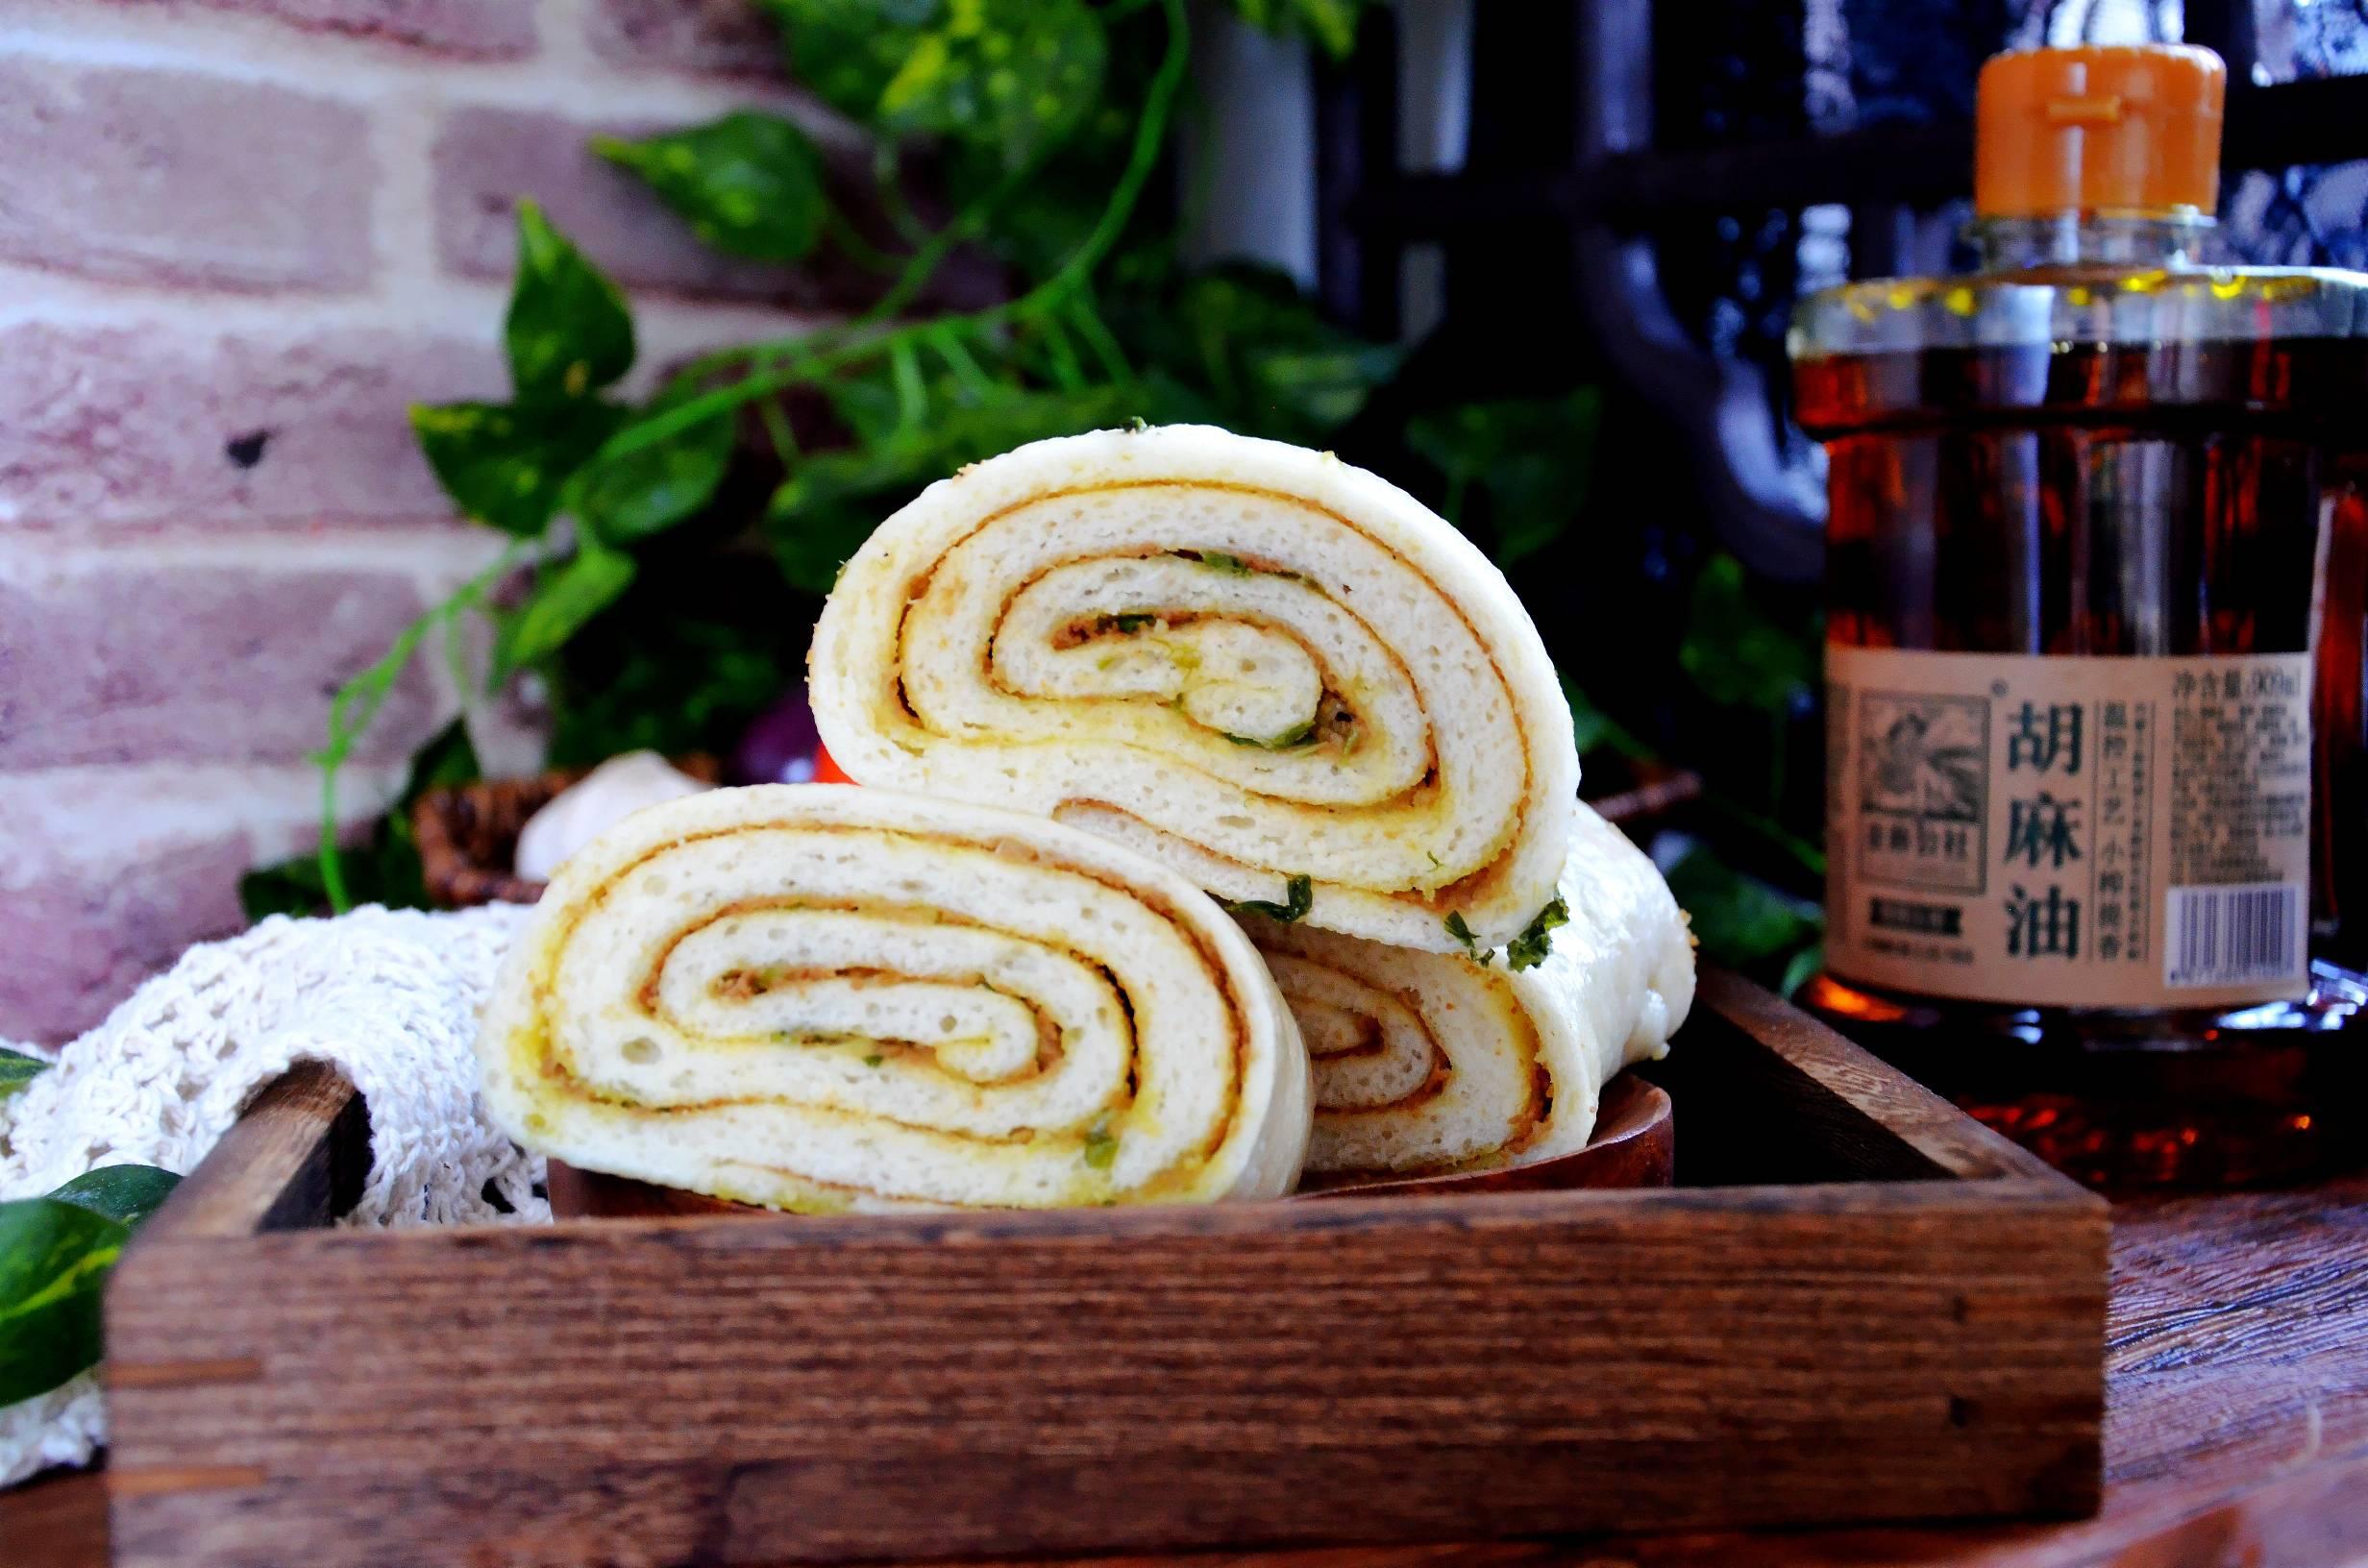 这样做花卷,简单又好吃…芝麻葱油花卷成品图